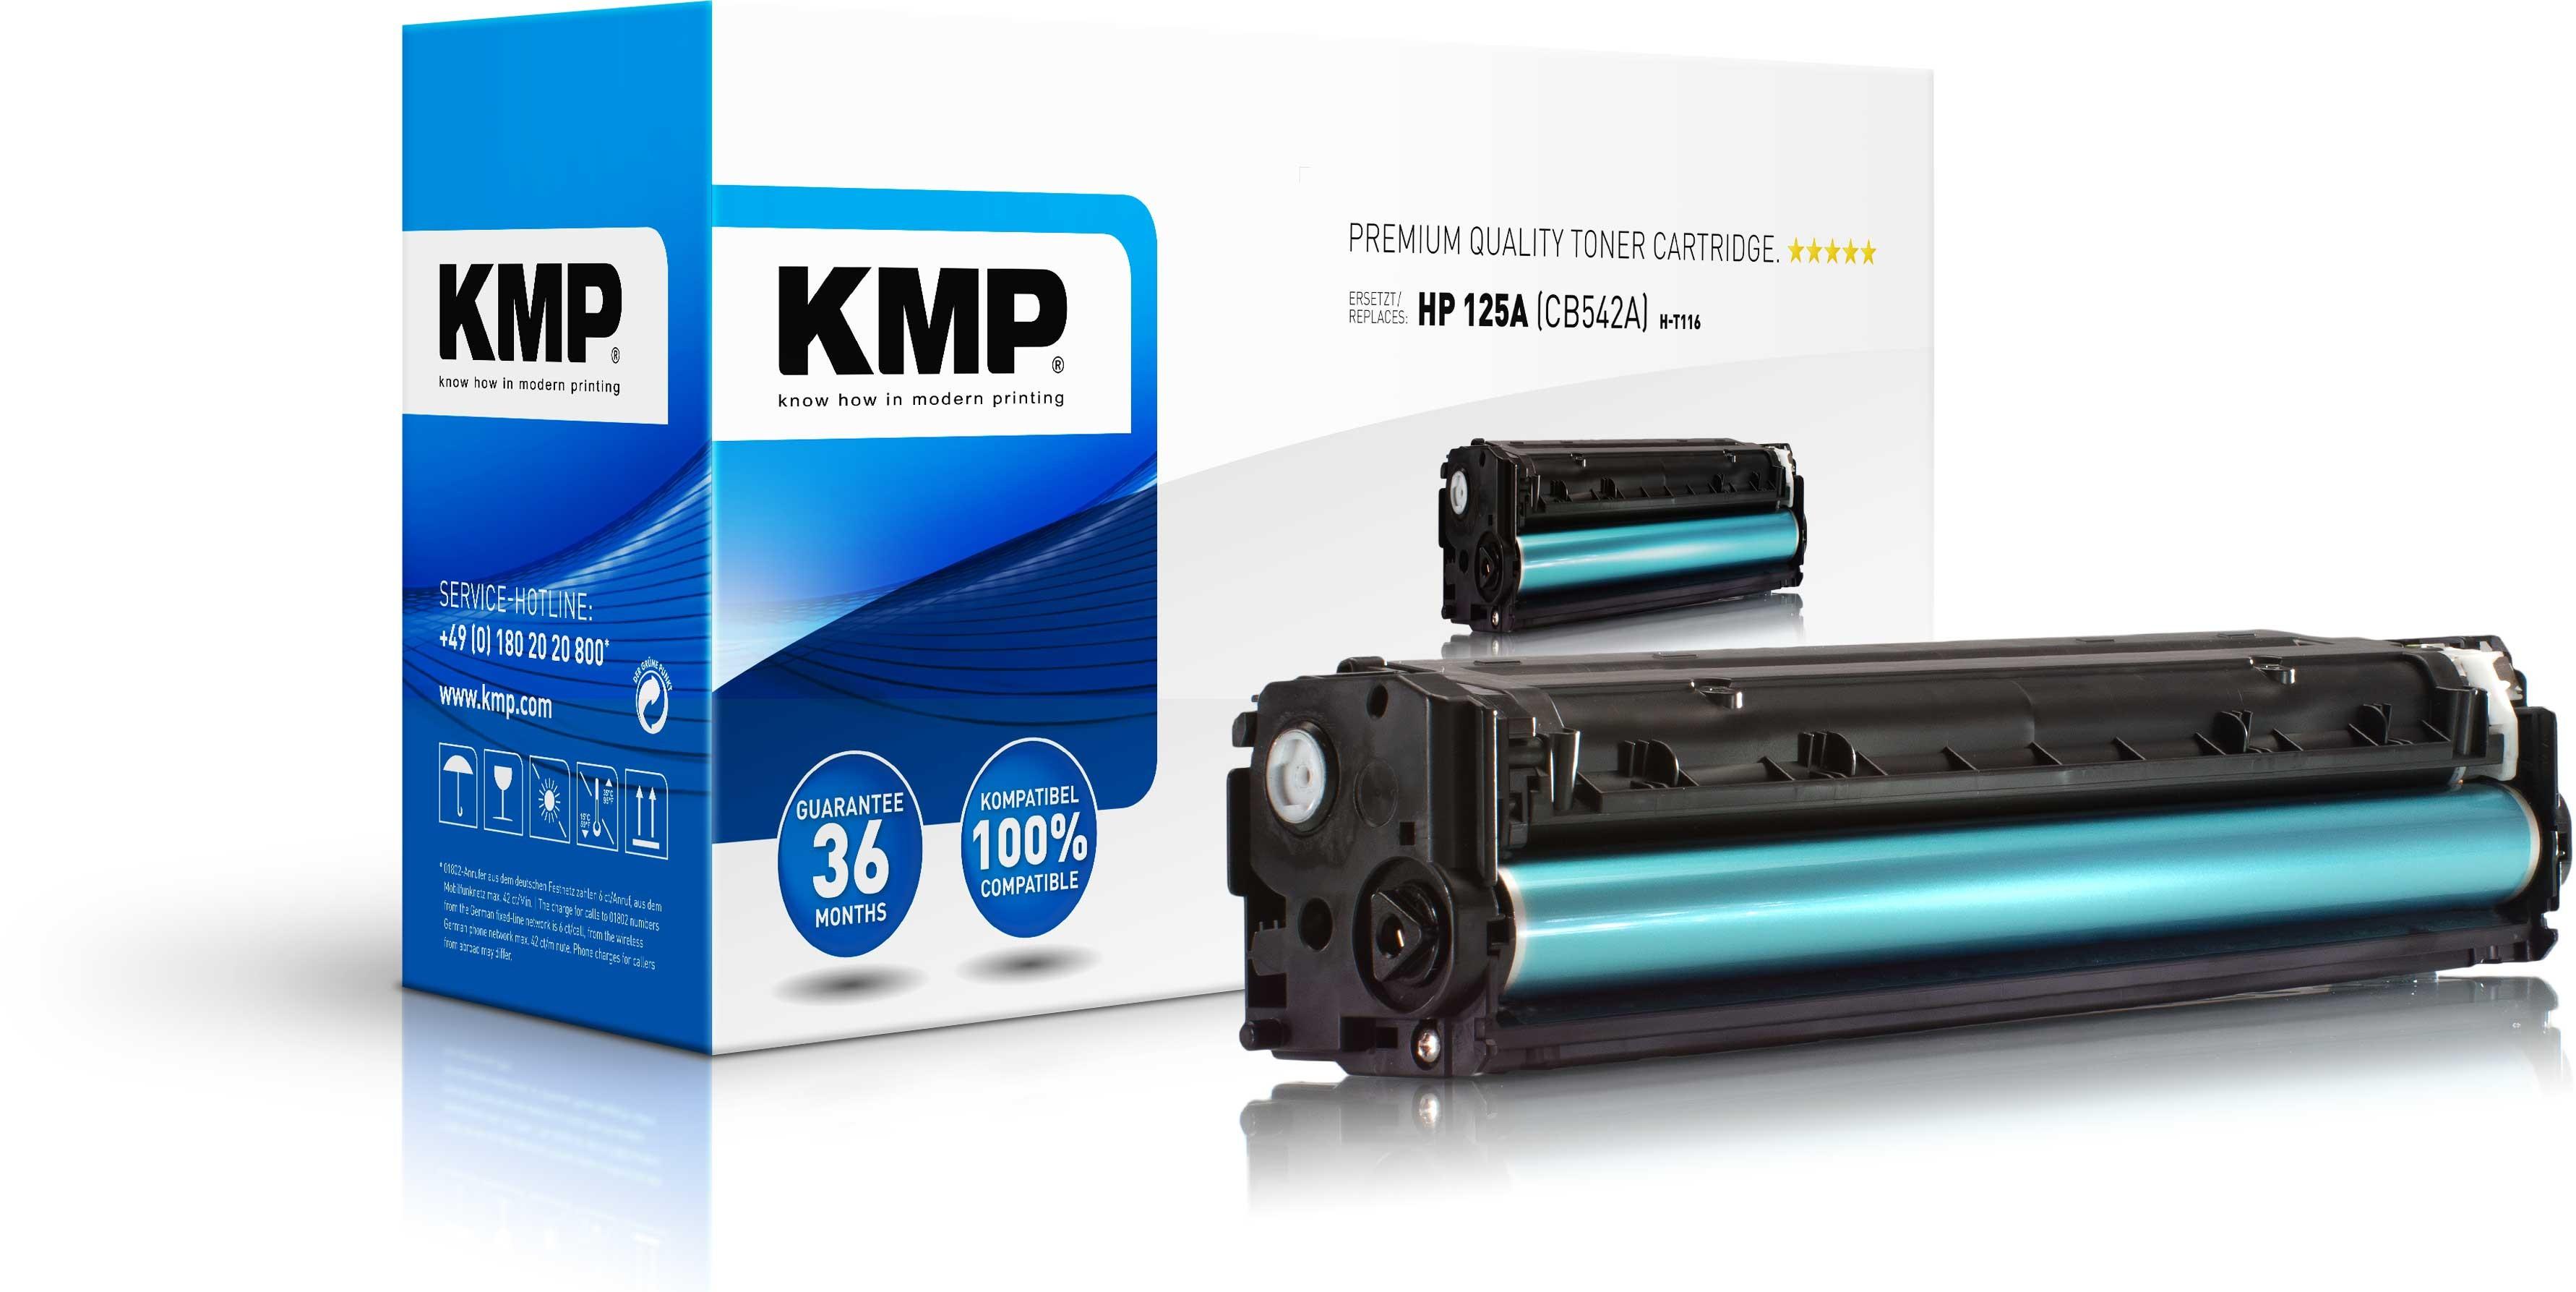 Vorschau: KMP Toner für HP 125A (CB542A) Color Laserjet CM1312 CP1210 CP1510 yellow